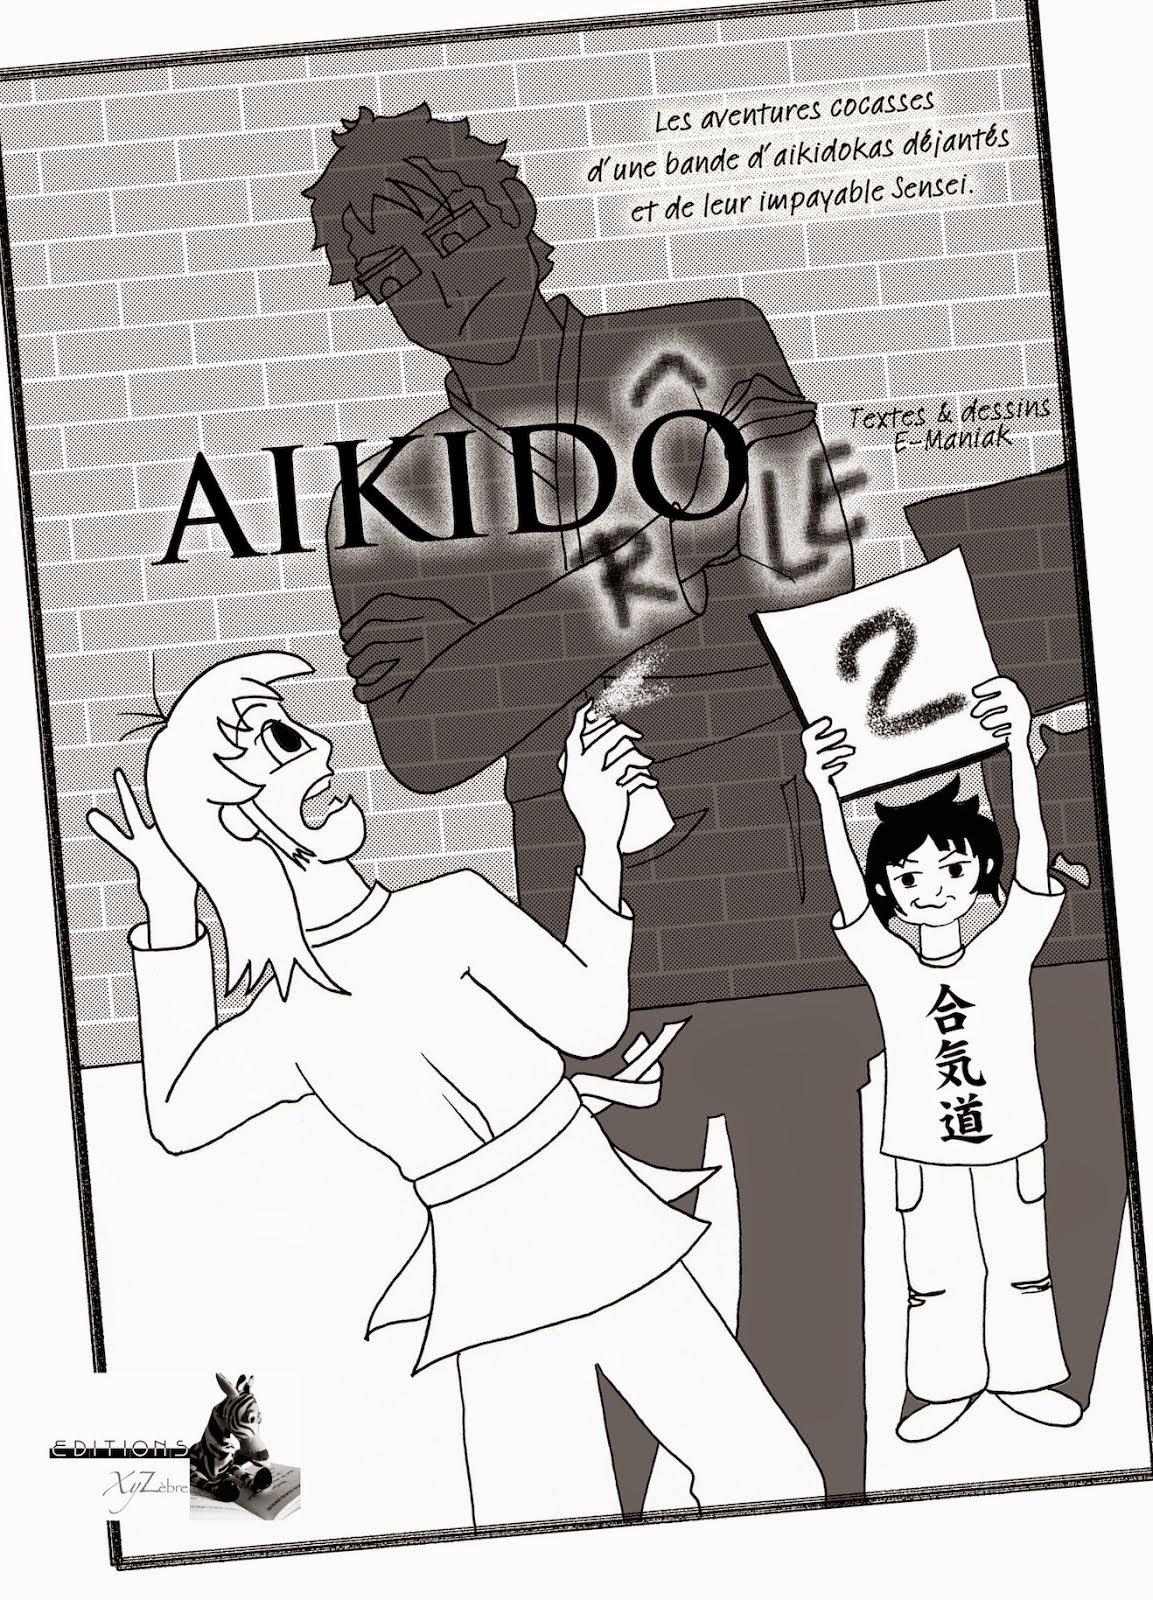 Aikidrôle 2